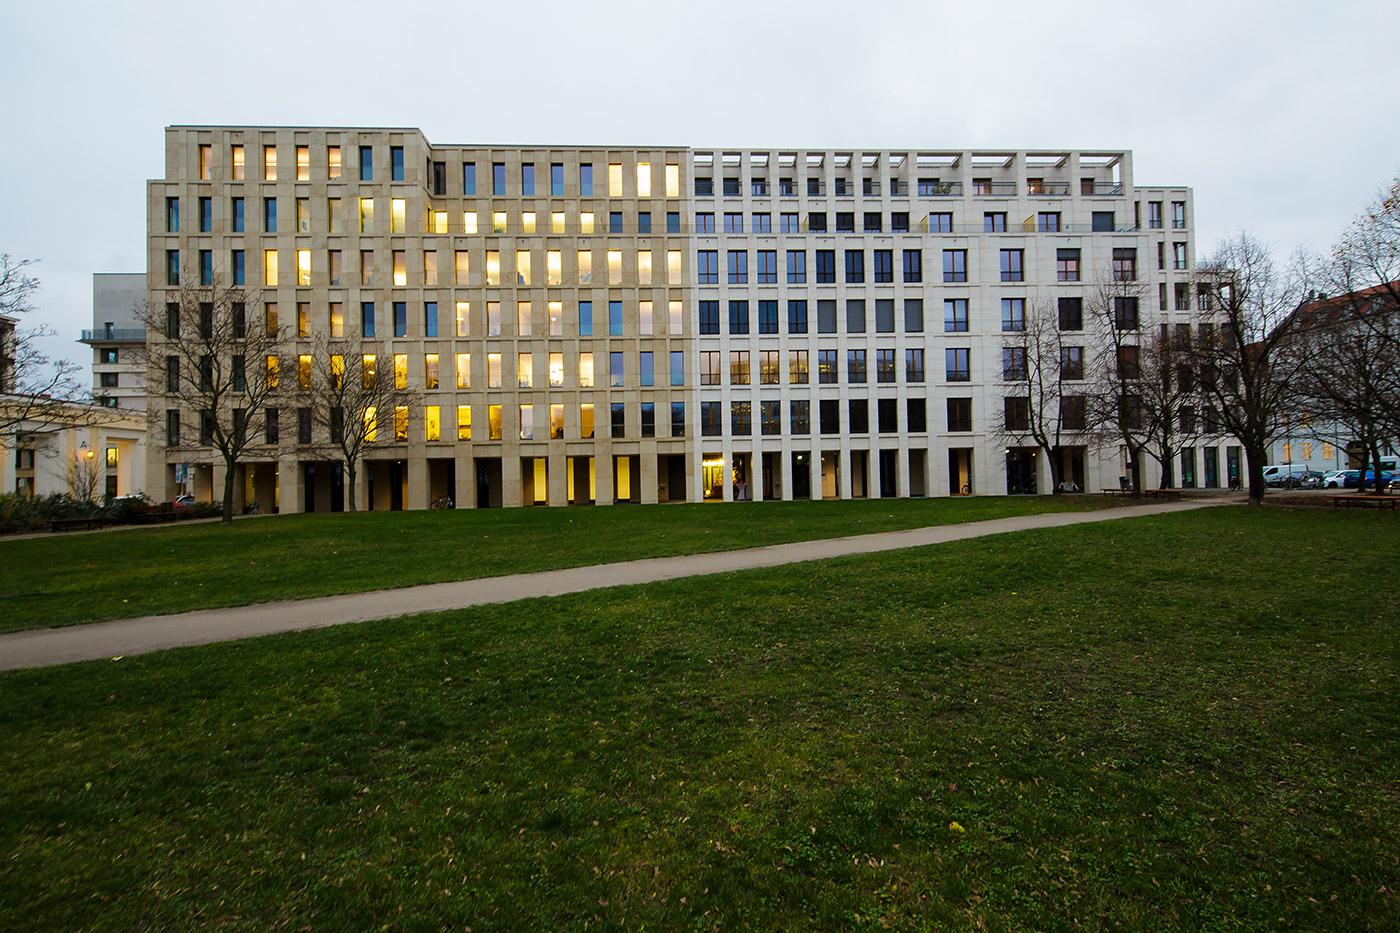 Palais am Deutschen Theater - Referenzen - Beck Trockenbau GmbH